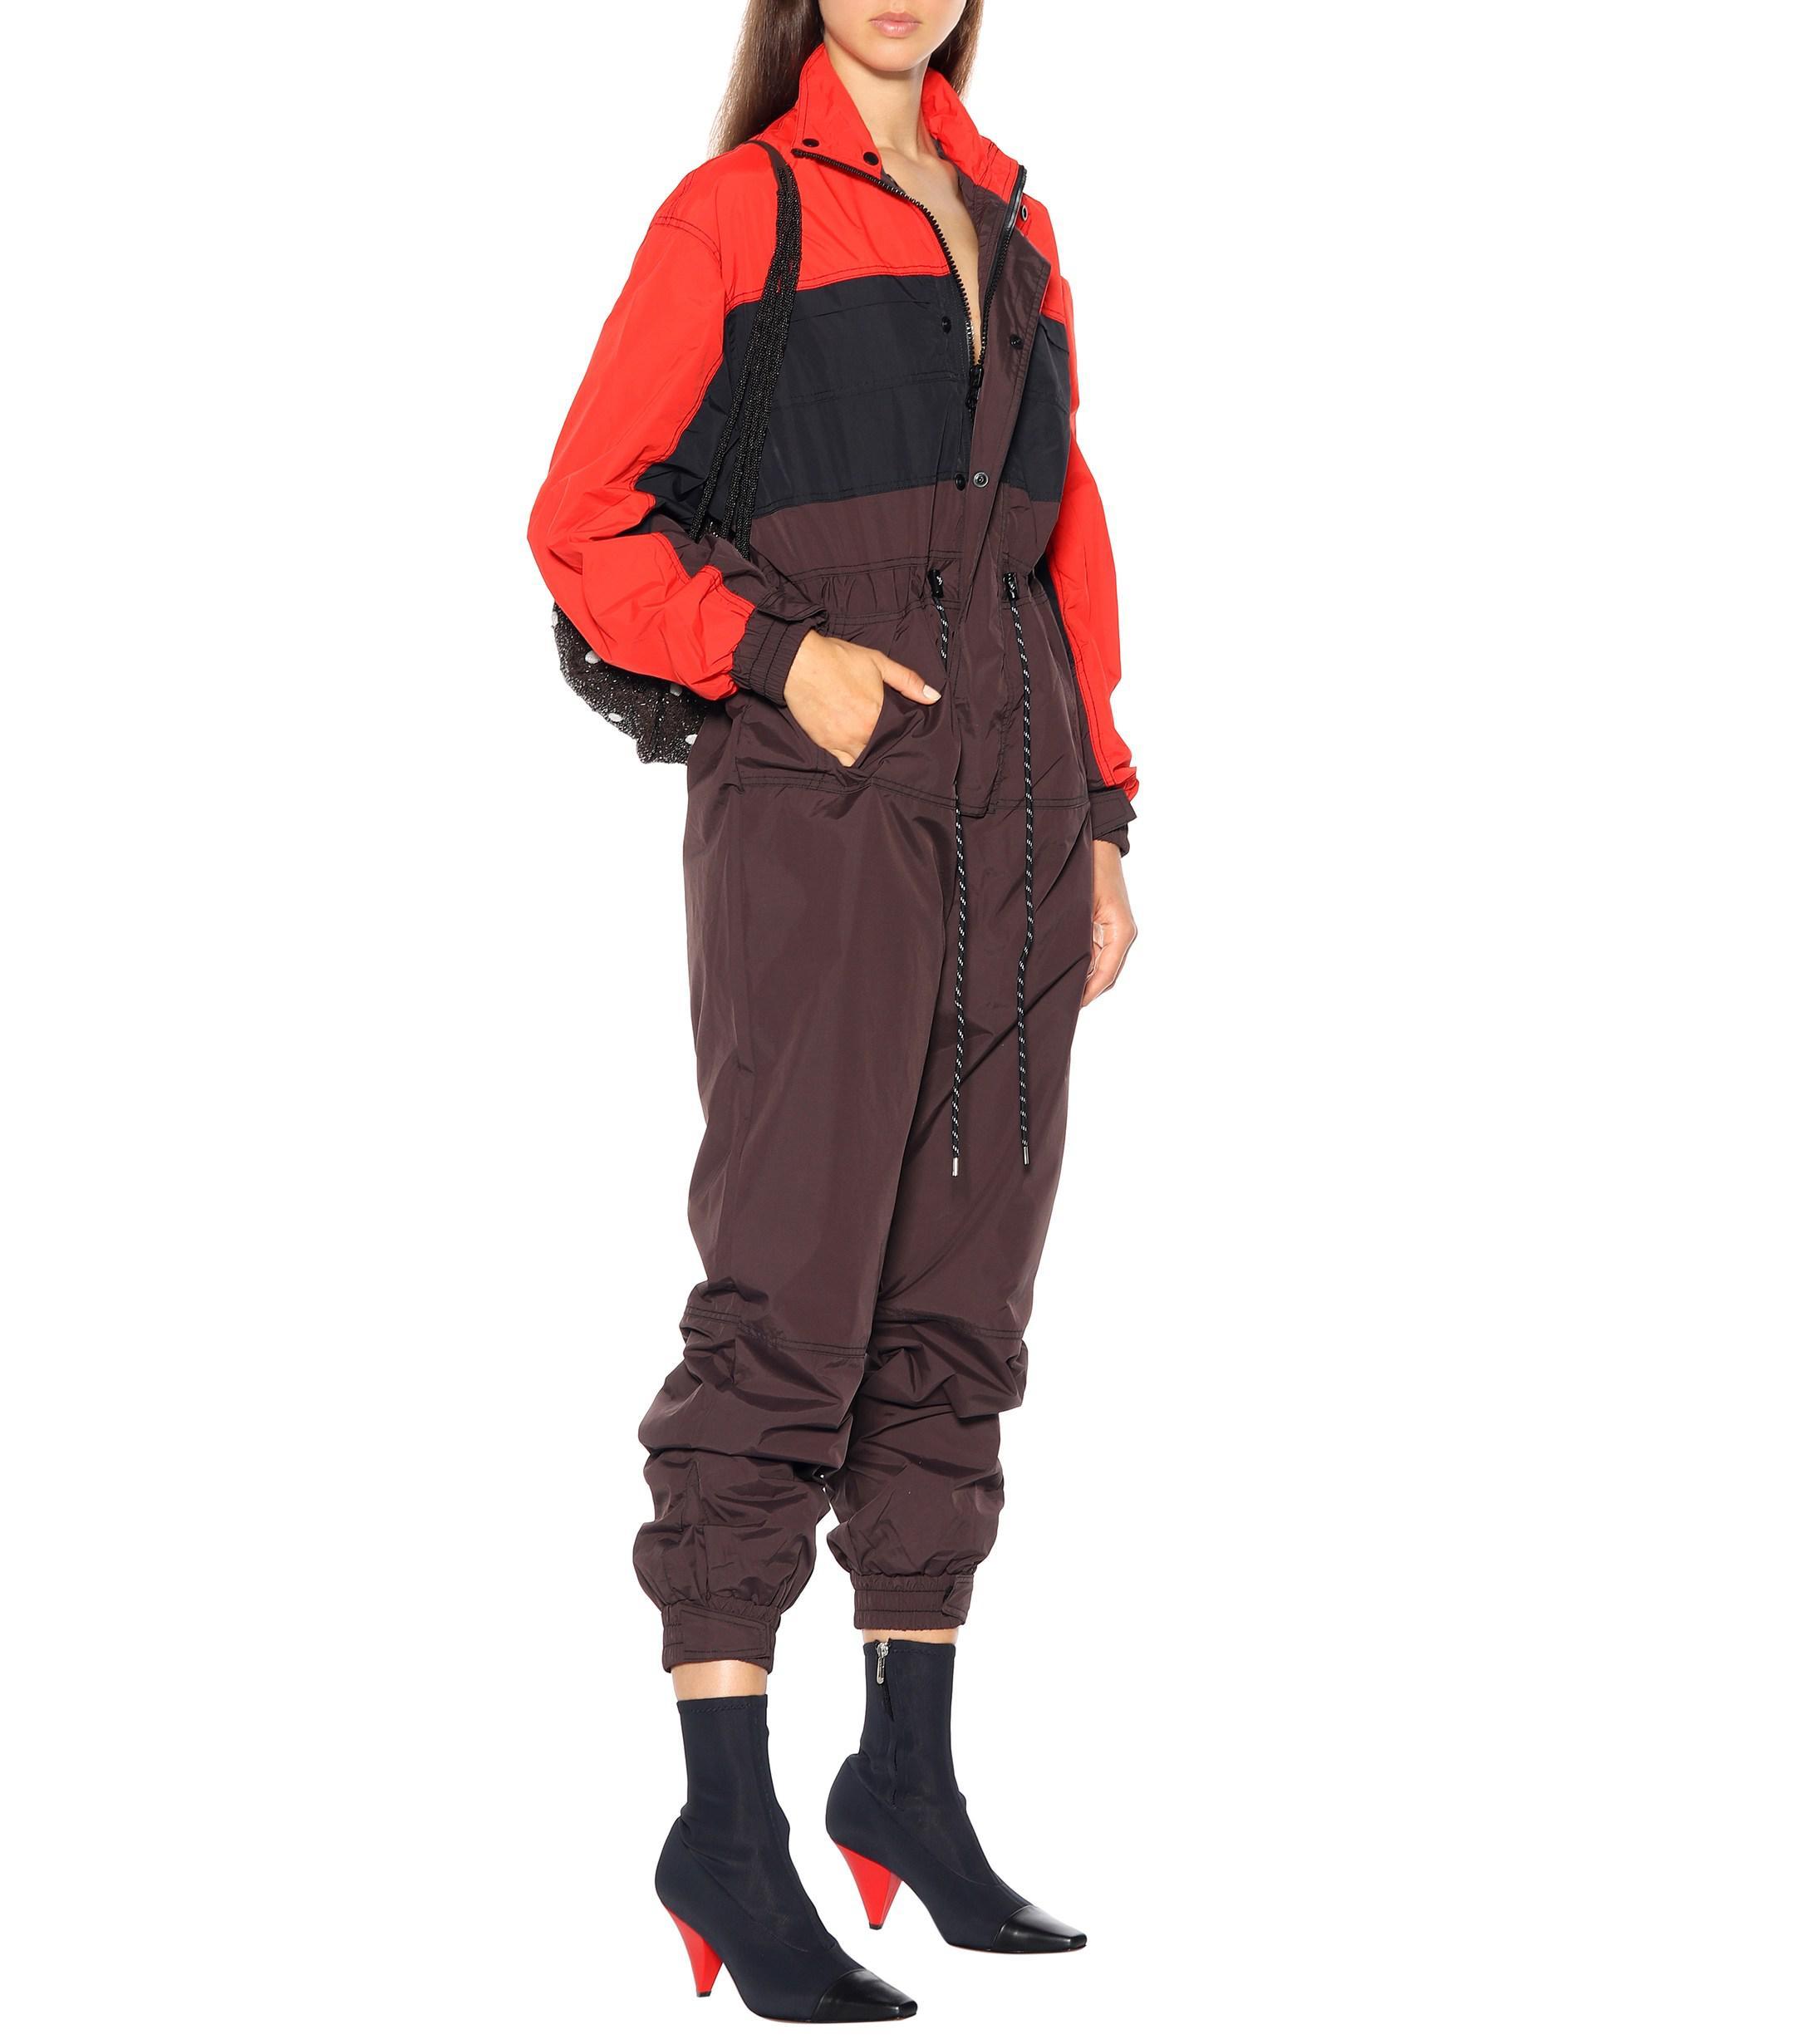 bfc09430d761 Ganni Faust Jumpsuit in Black - Lyst